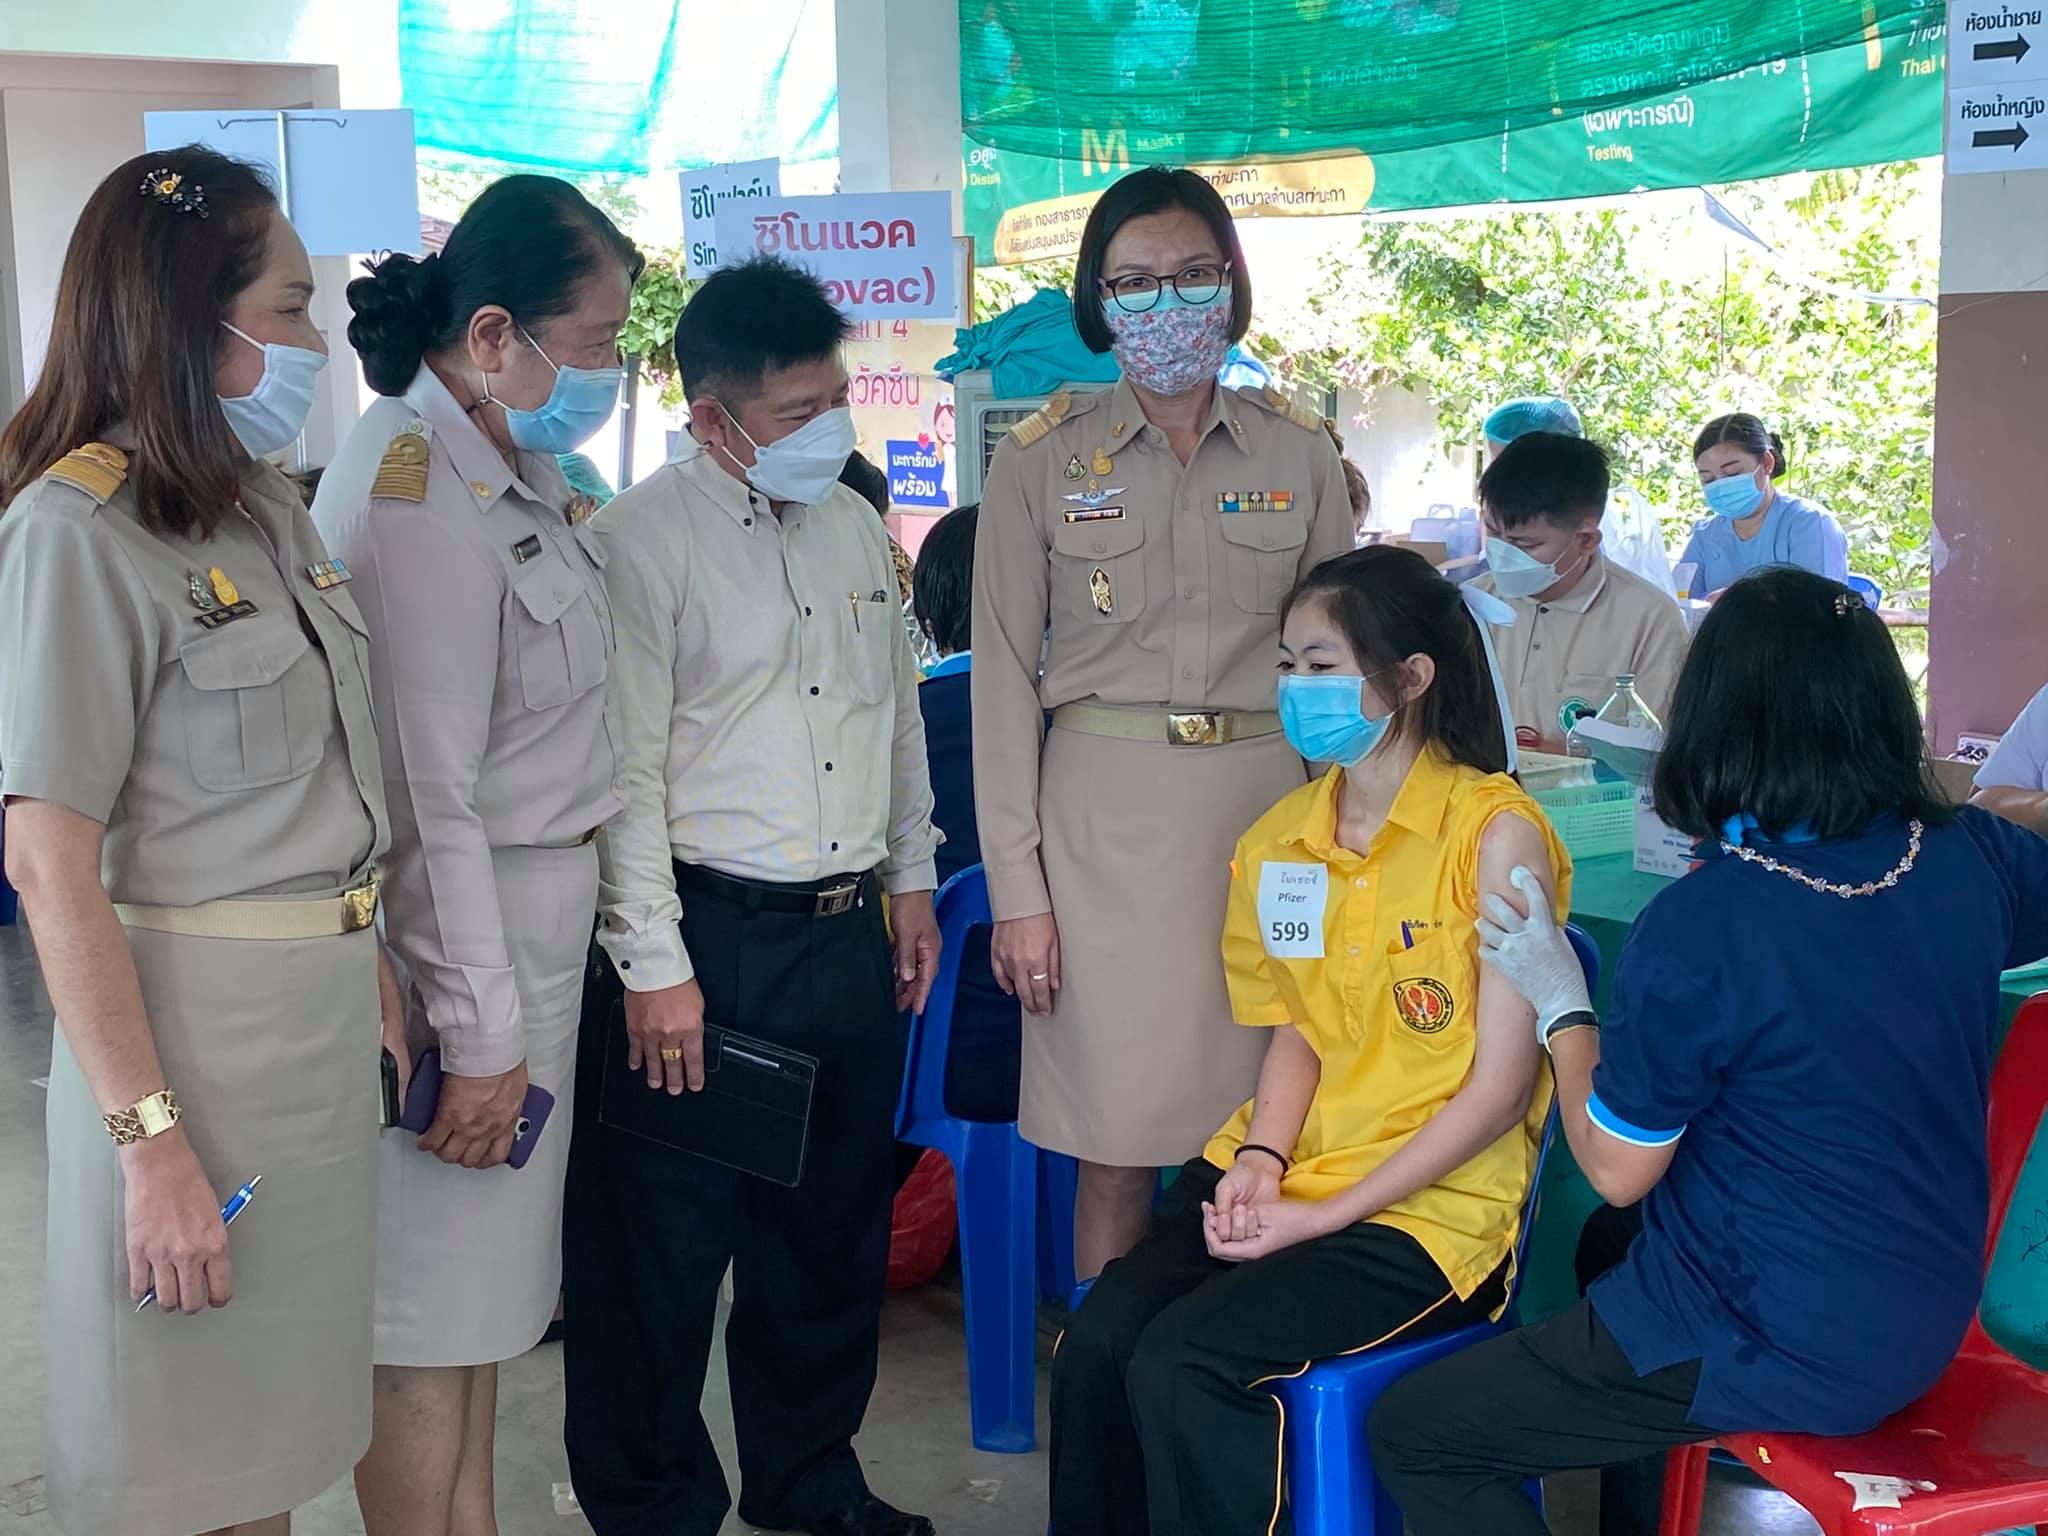 เมื่อวันที่ 18 ตุลาคม 2564 นางสาวอรวรรณ คำมาก รองศึกษาธิการจังหวัดกาญจนบุรี พร้อมด้วย นางสาววิไลรัตน์ คันธาวัฒน์ ผู้อำนวยการกลุ่มพัฒนาการศึกษา และนางอรศิมา ศรีสำราญ นักวิชาการศึกษาชำนาญการ ลงพื้นที่ตรวจเยี่ยม ให้กำลังใจ และติดตามการฉีดวัคซีนนักเรียนโรงเรียนท่ามะกาวิทยาคม